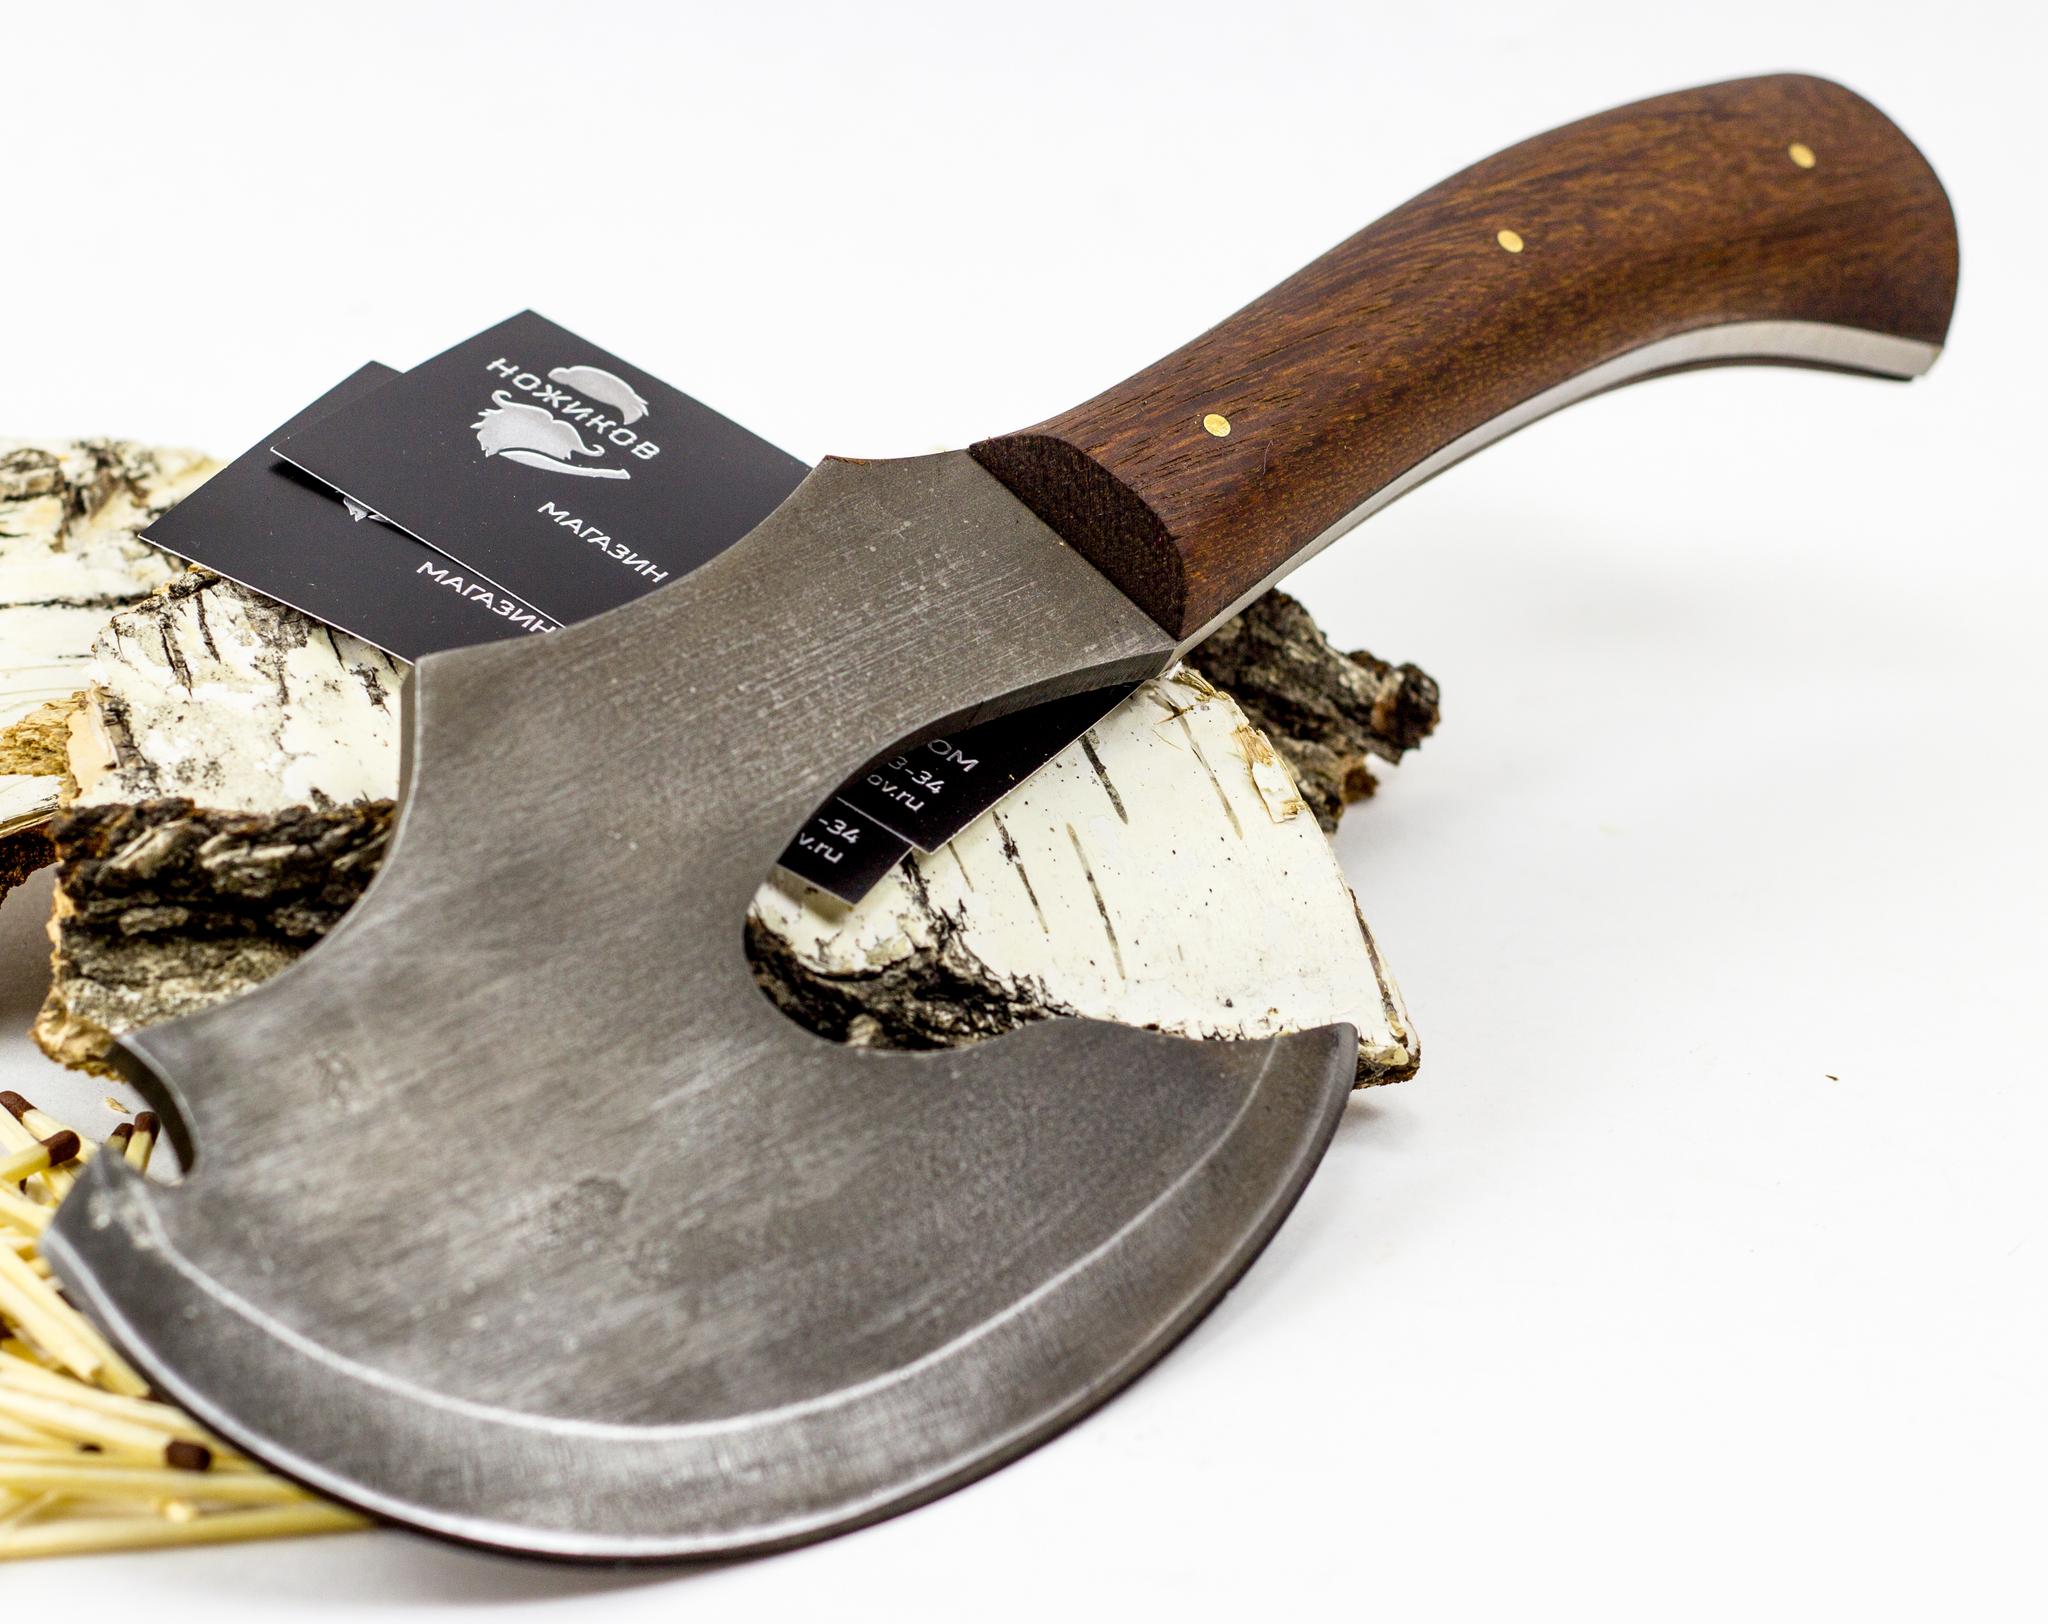 Фото 2 - Топорик Сохатый, сталь 9хс от Промтехснаб